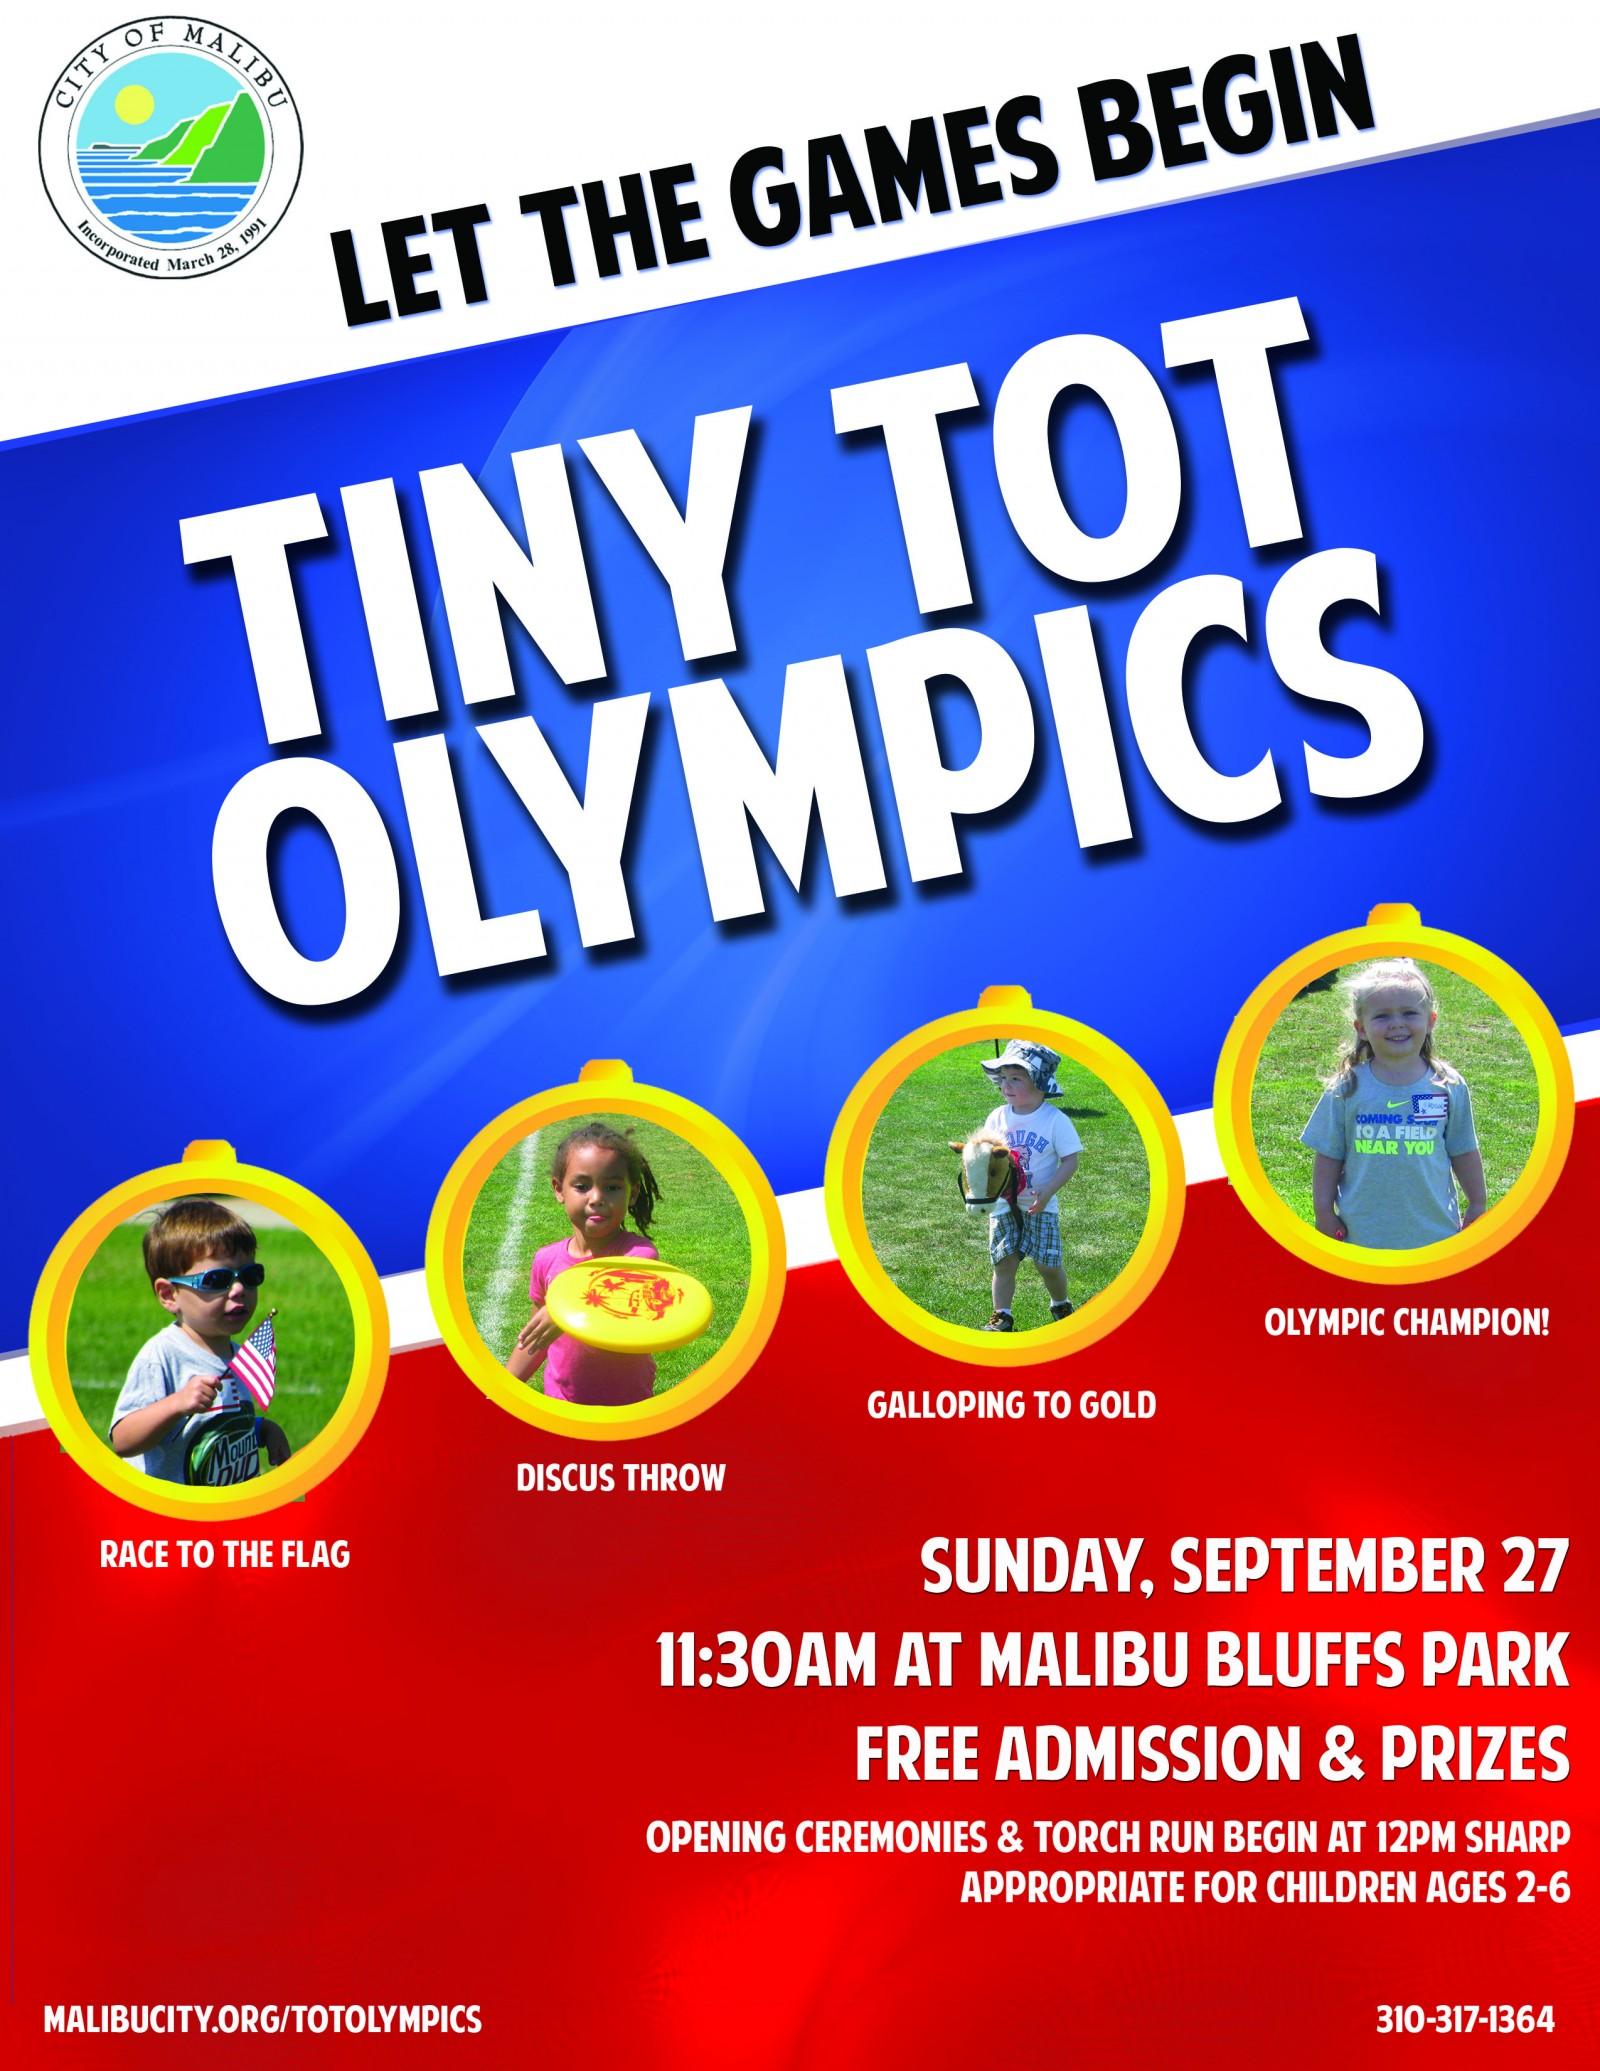 tiny-tot-olympics-2015_all-things-malibu